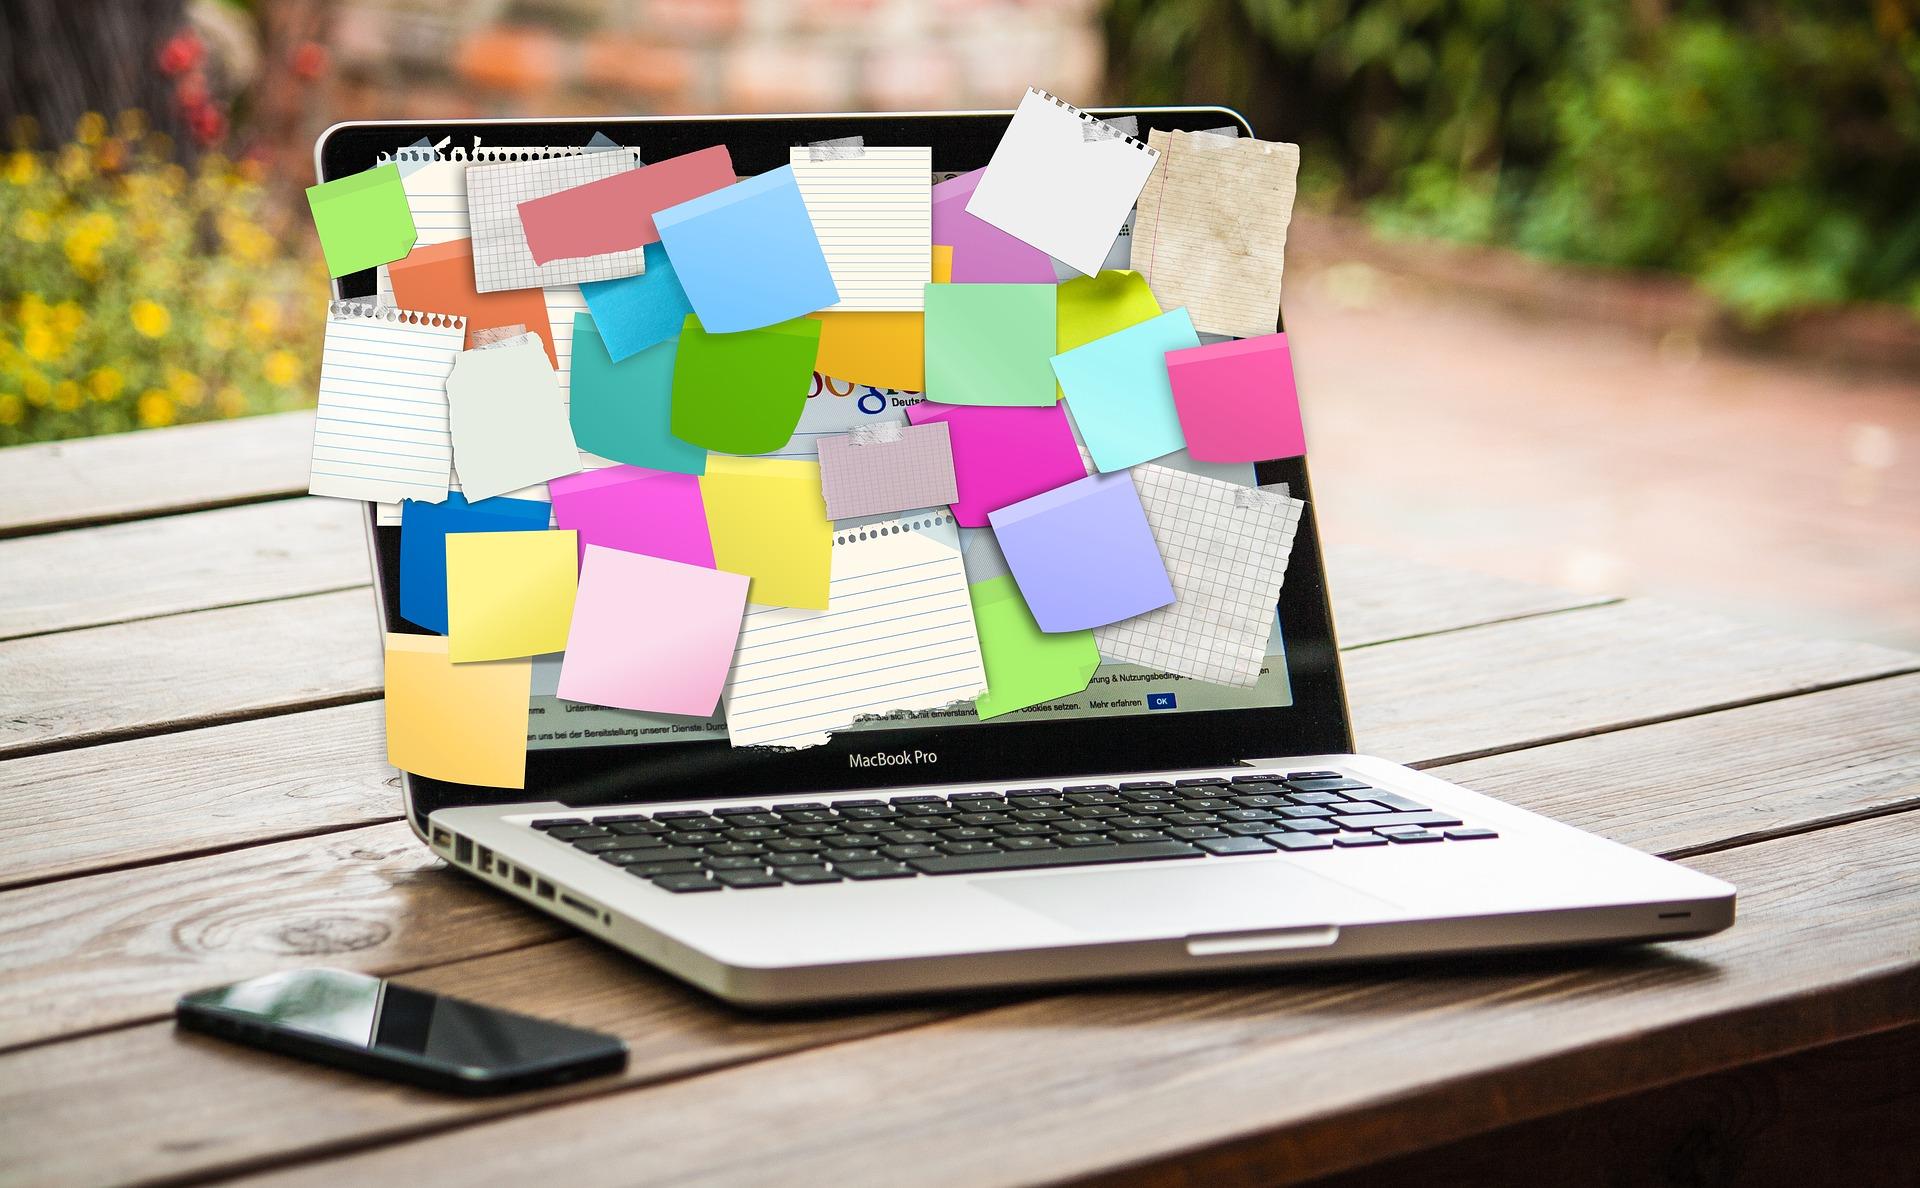 ノートパソコンとメモ用紙